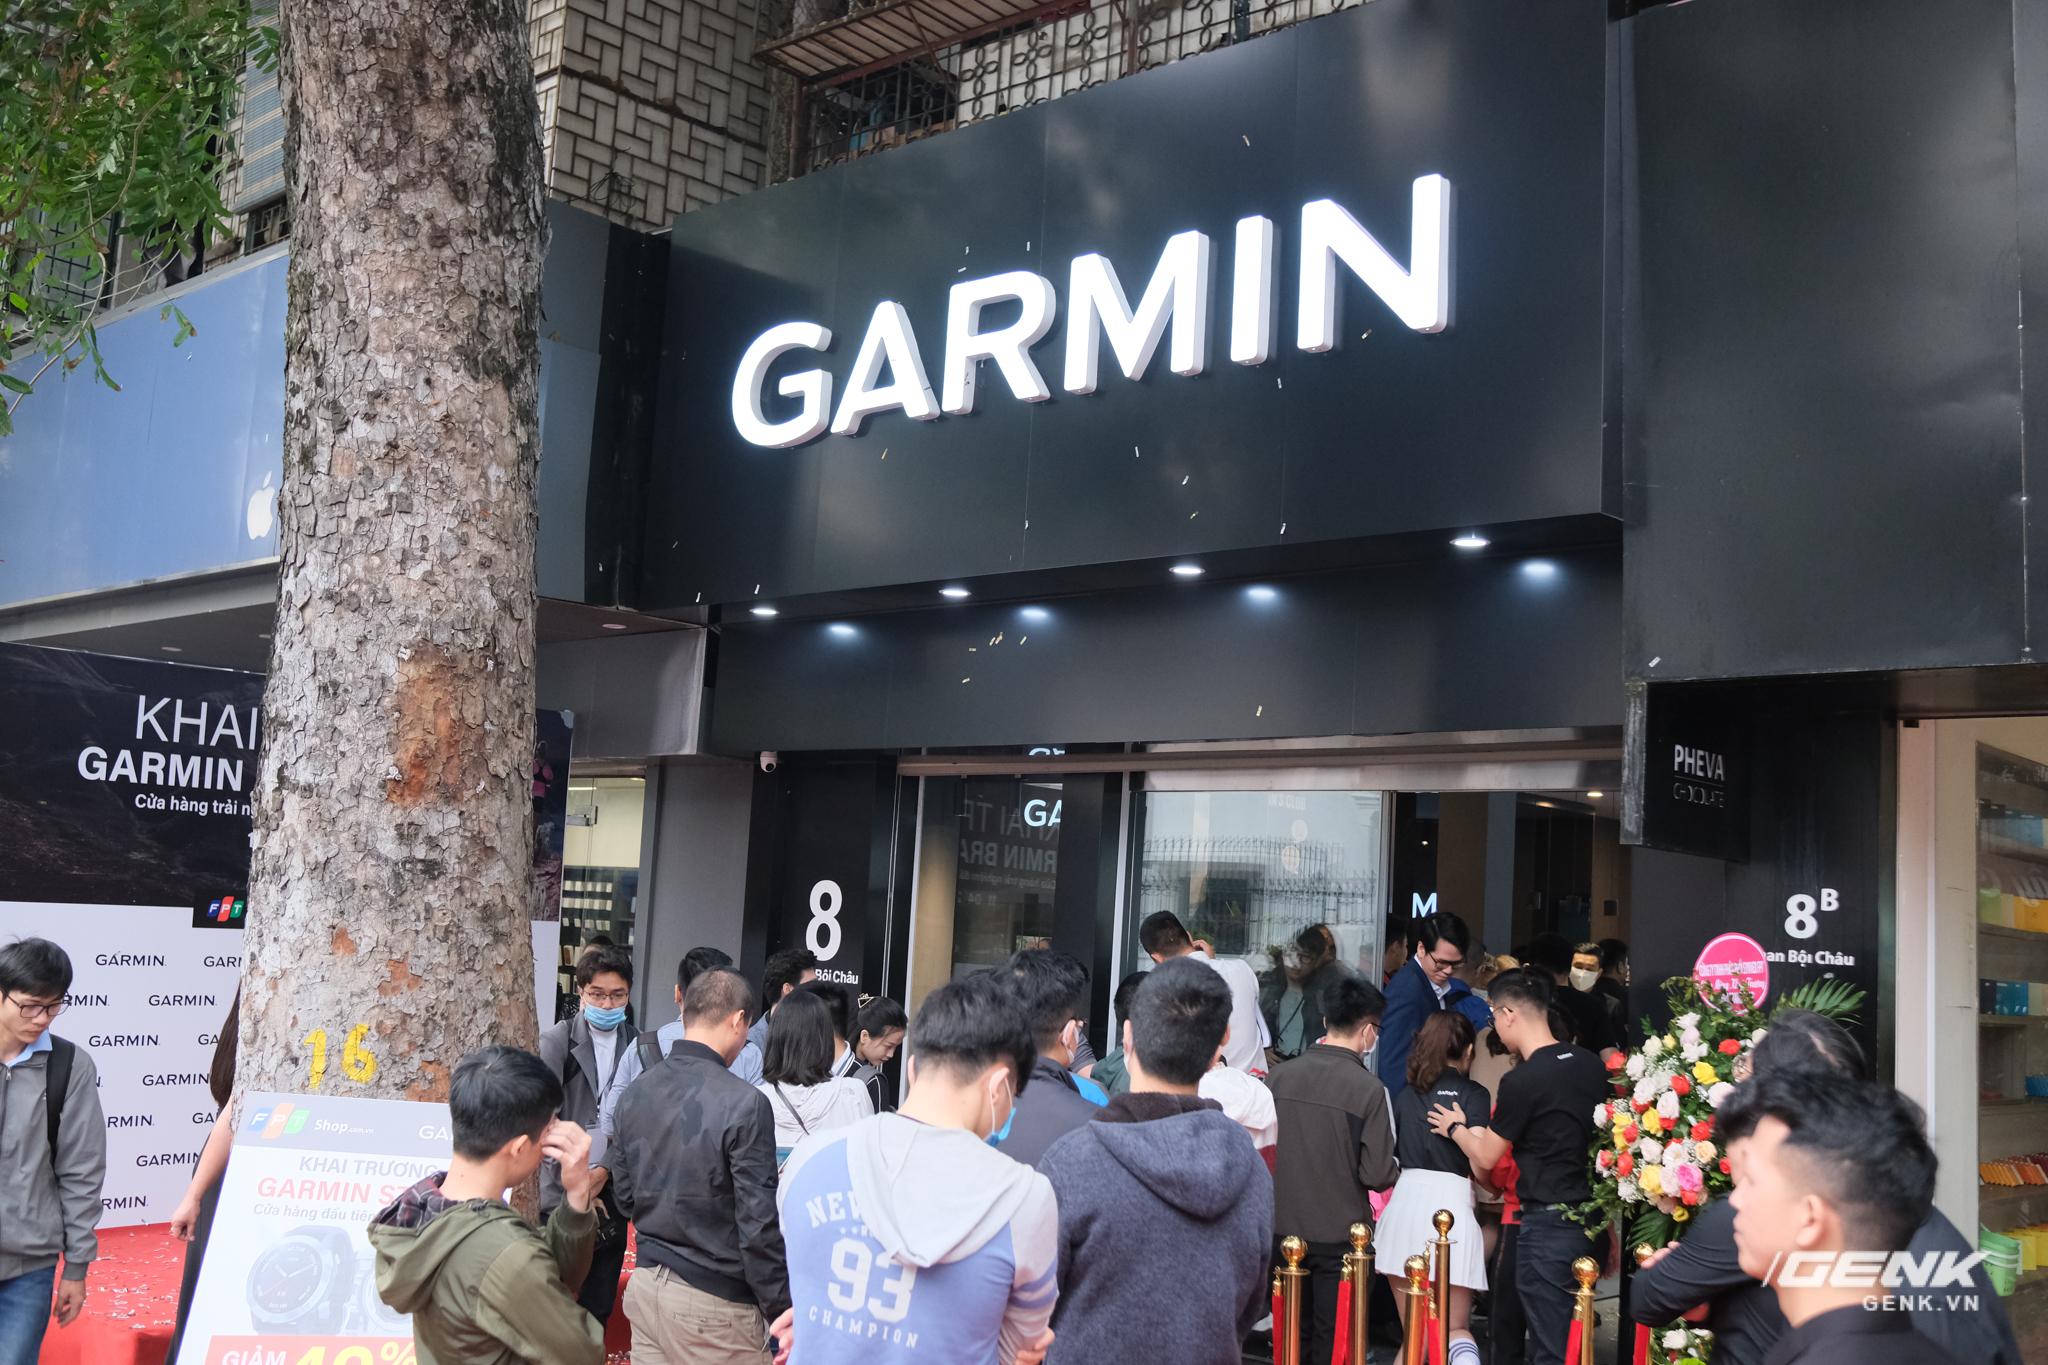 Garmin khai trương cửa hàng thương hiệu đầu tiên tại Việt Nam - Ảnh 2.